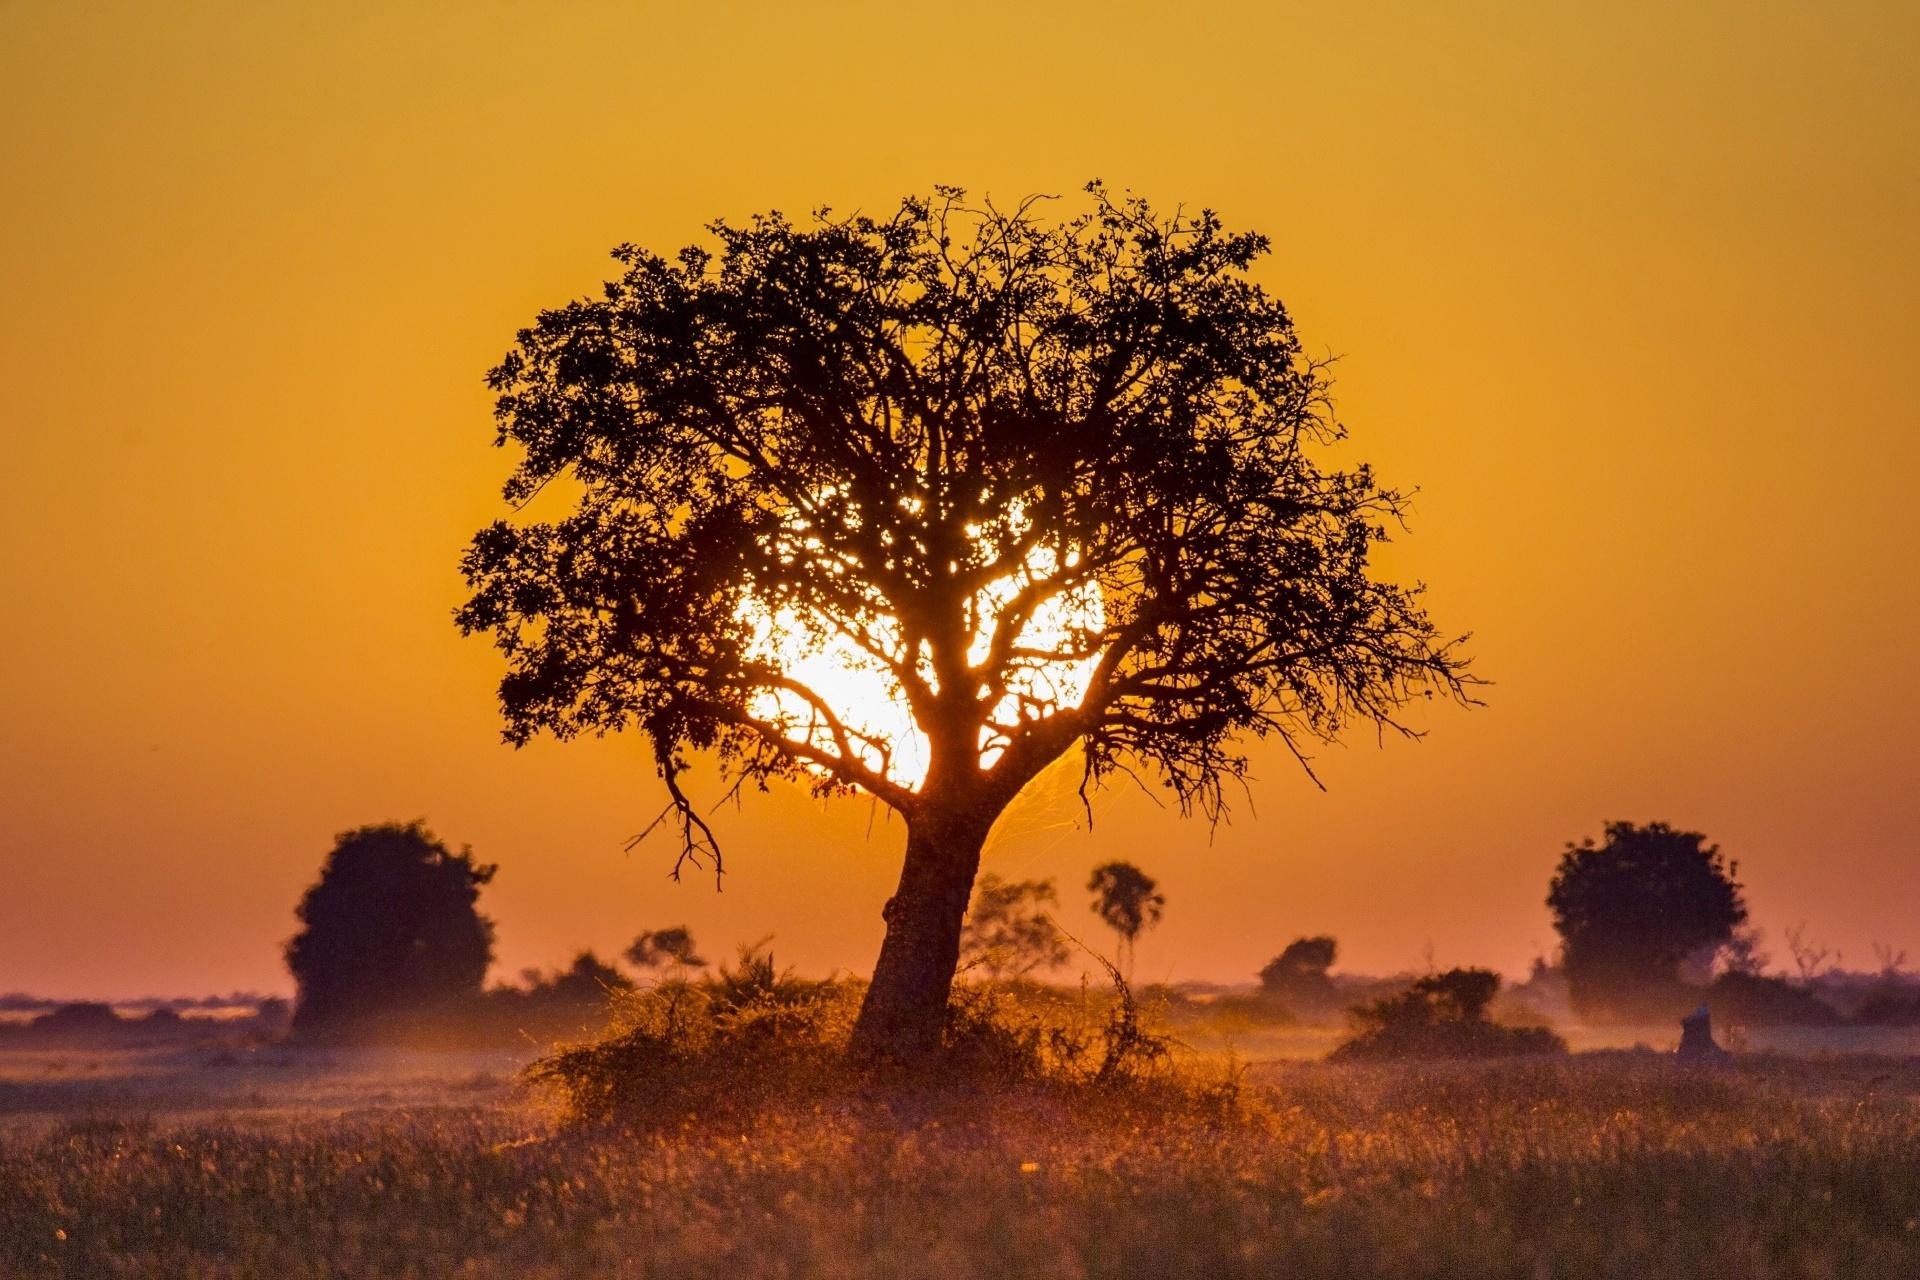 ボツワナの夕日 アフリカの風景